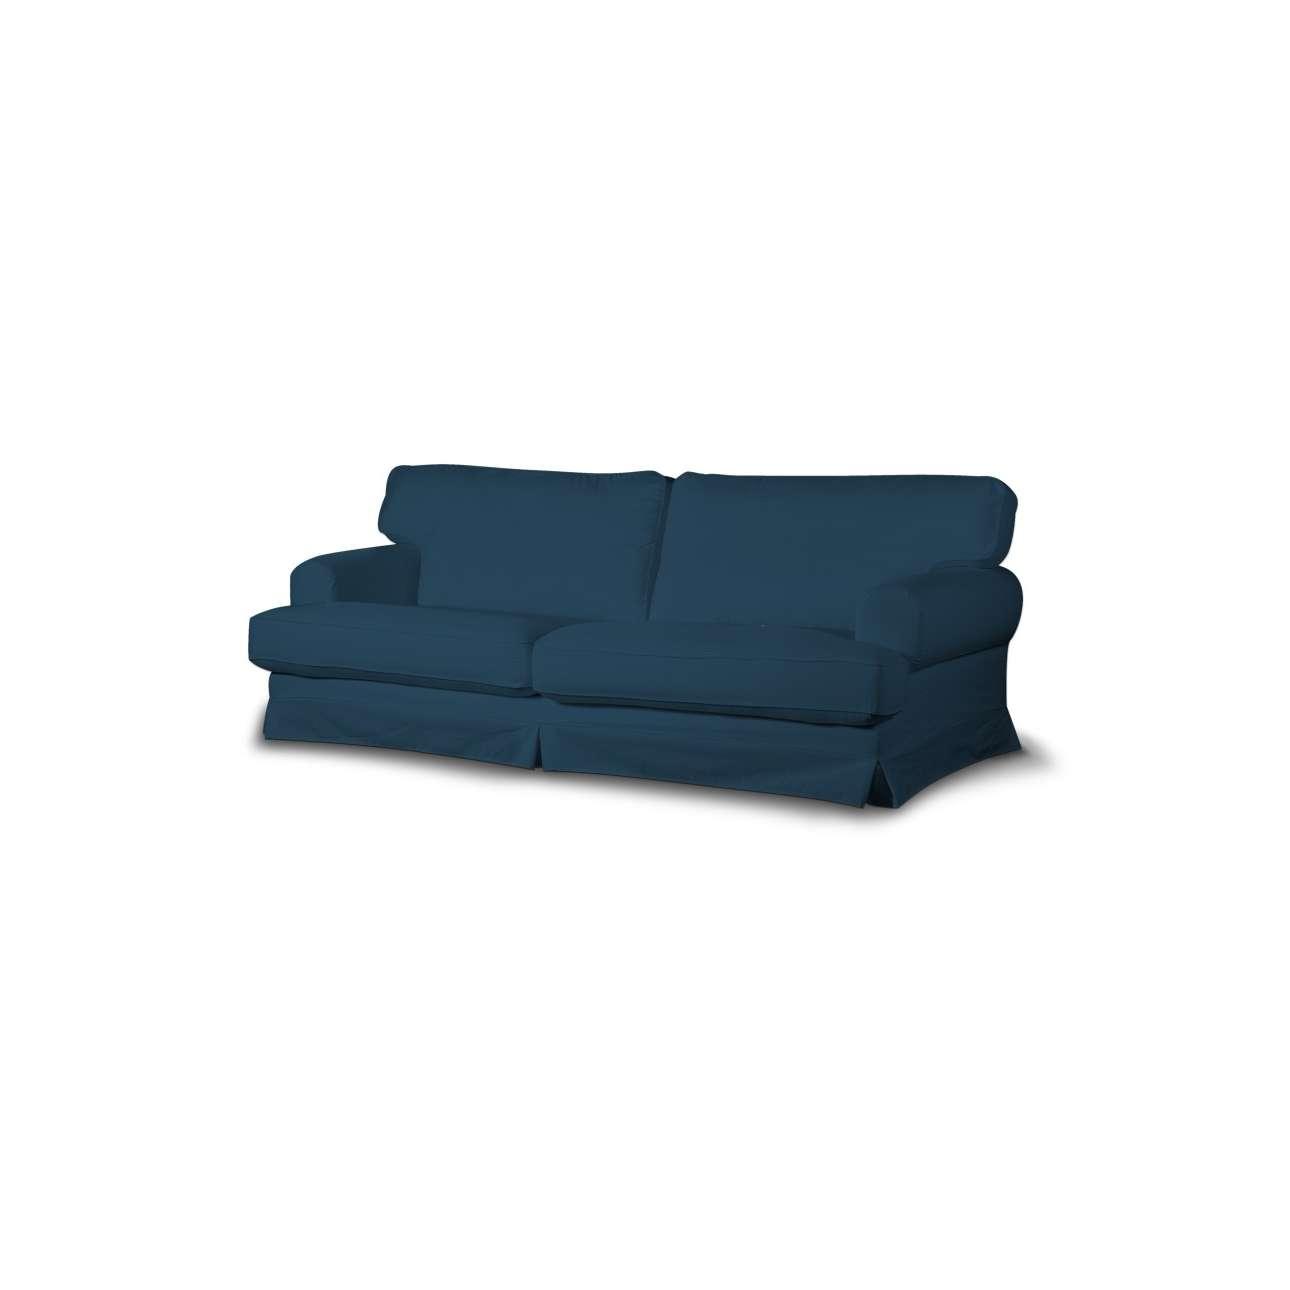 IKEA hoes voor Ekeskog slaapbank